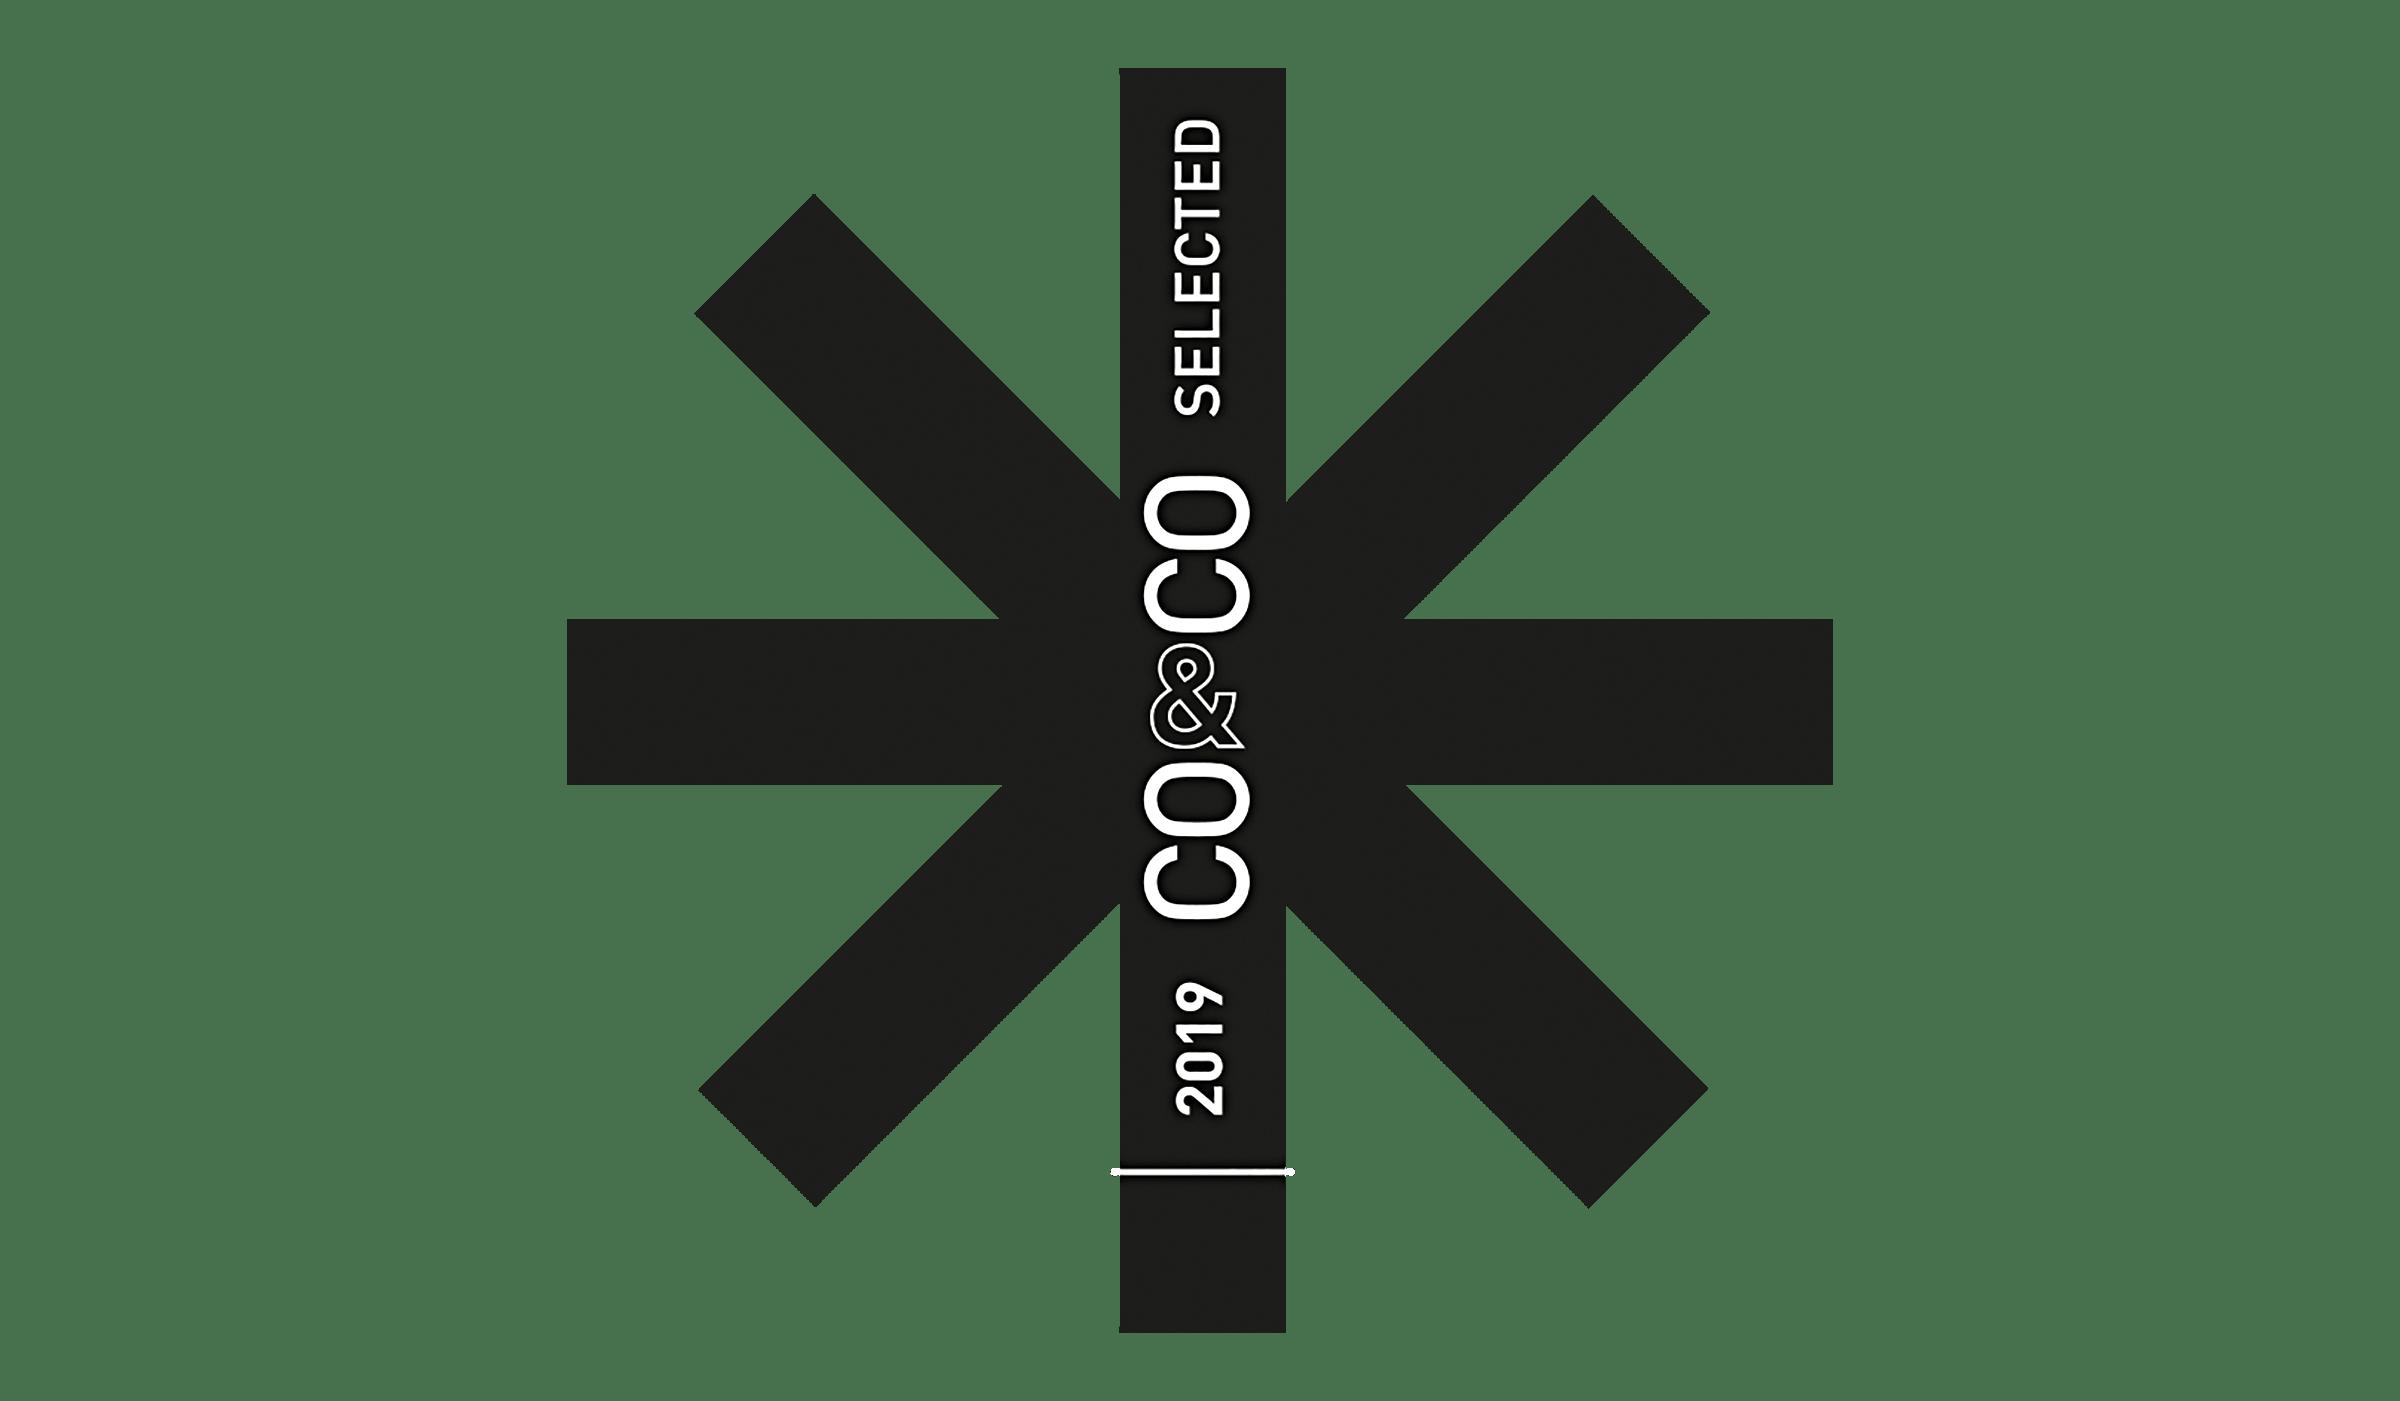 Corporate Design Auszeichnung für mieker - Konzept Design Strategie. Projekt: Brand Identity Eichkätzchen Region Trier Luxemburg